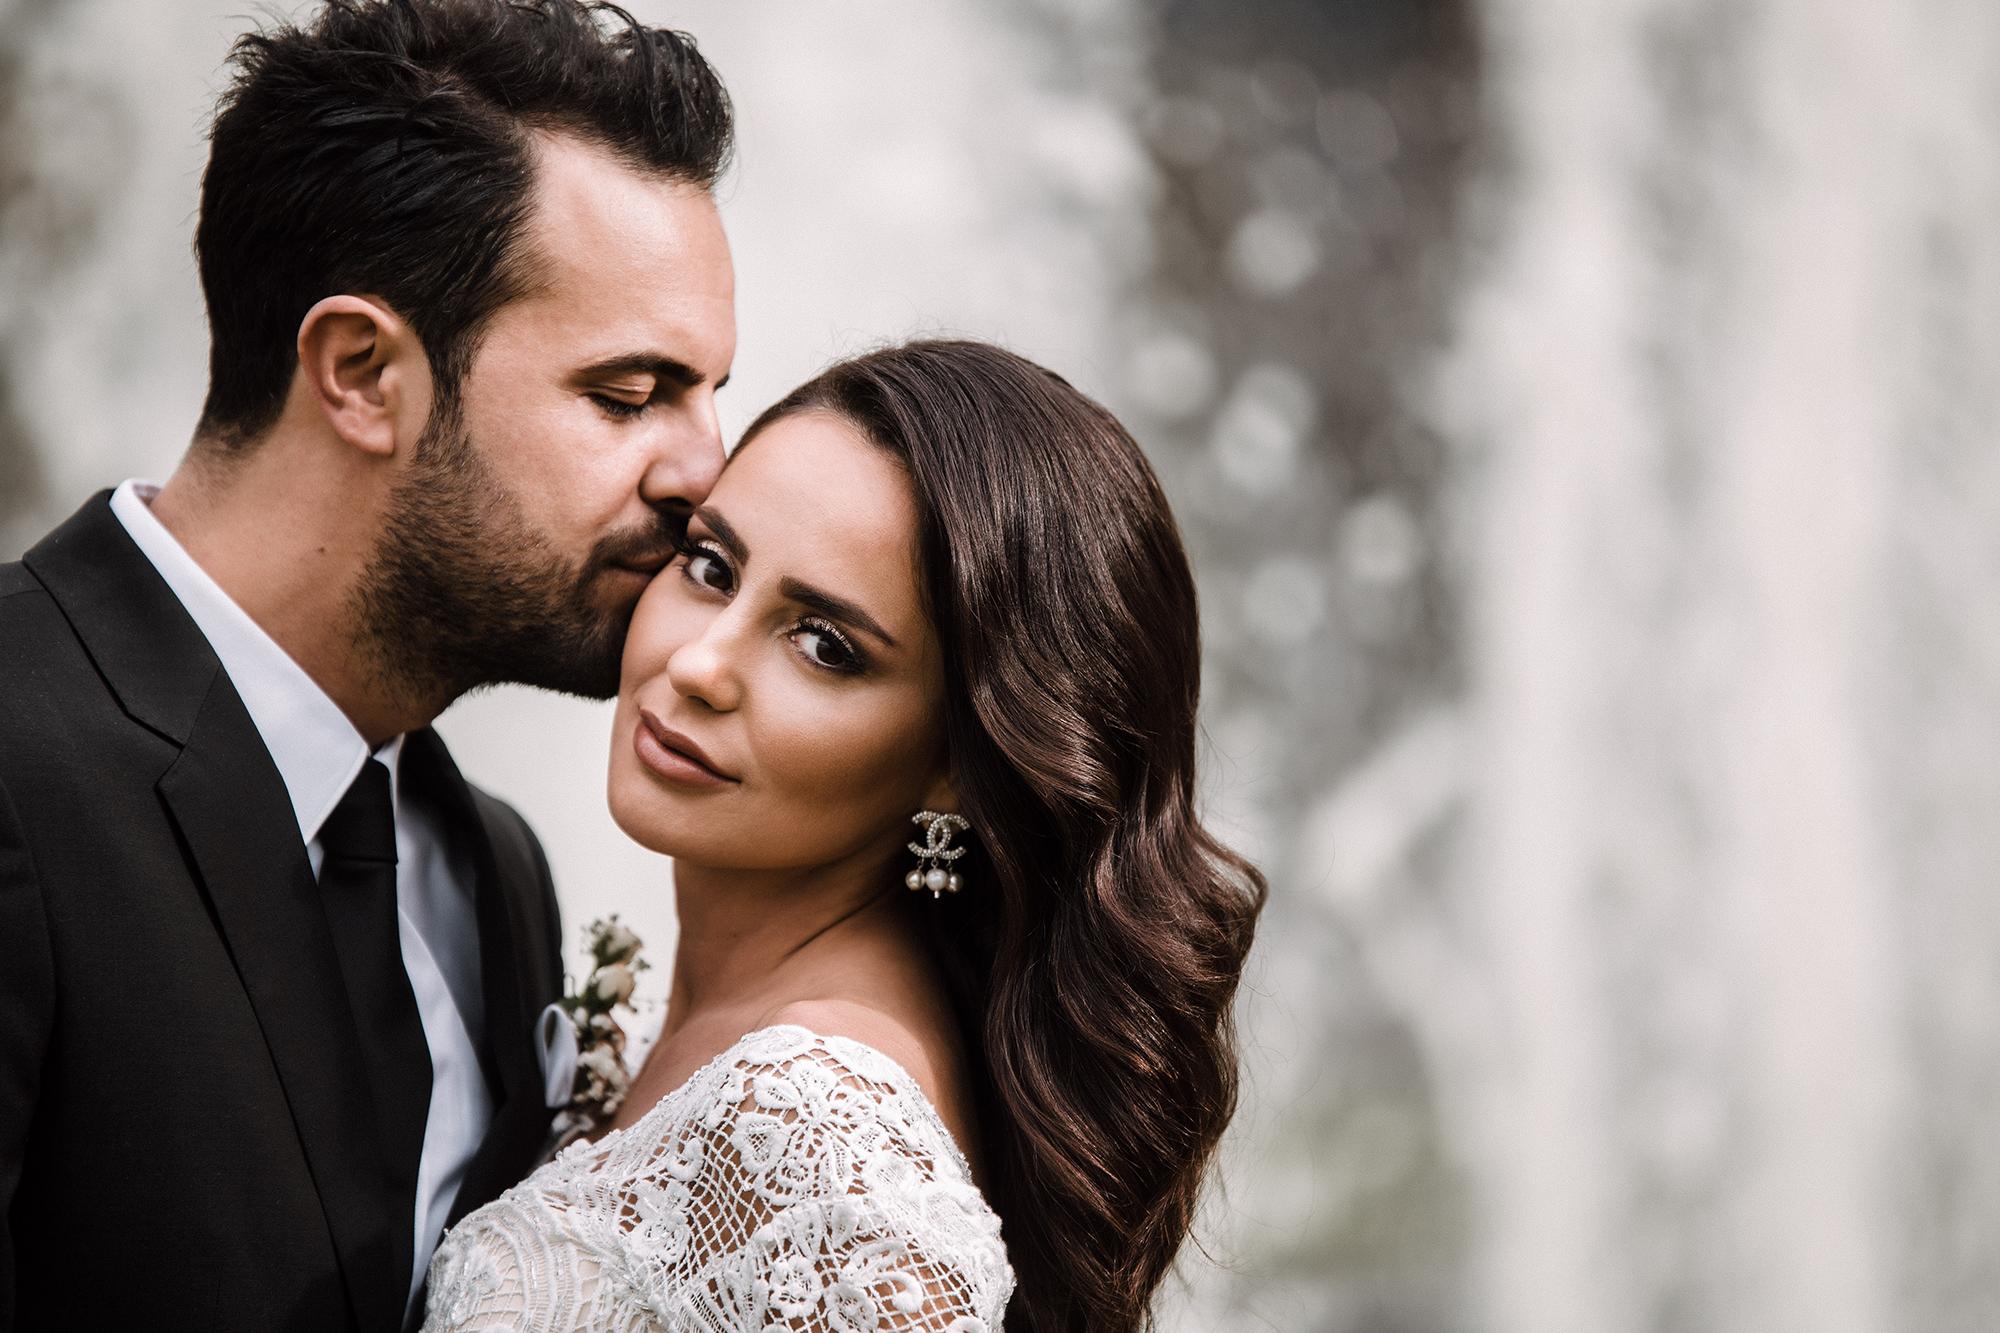 Bräutigam der seine Braut küsst.jpg